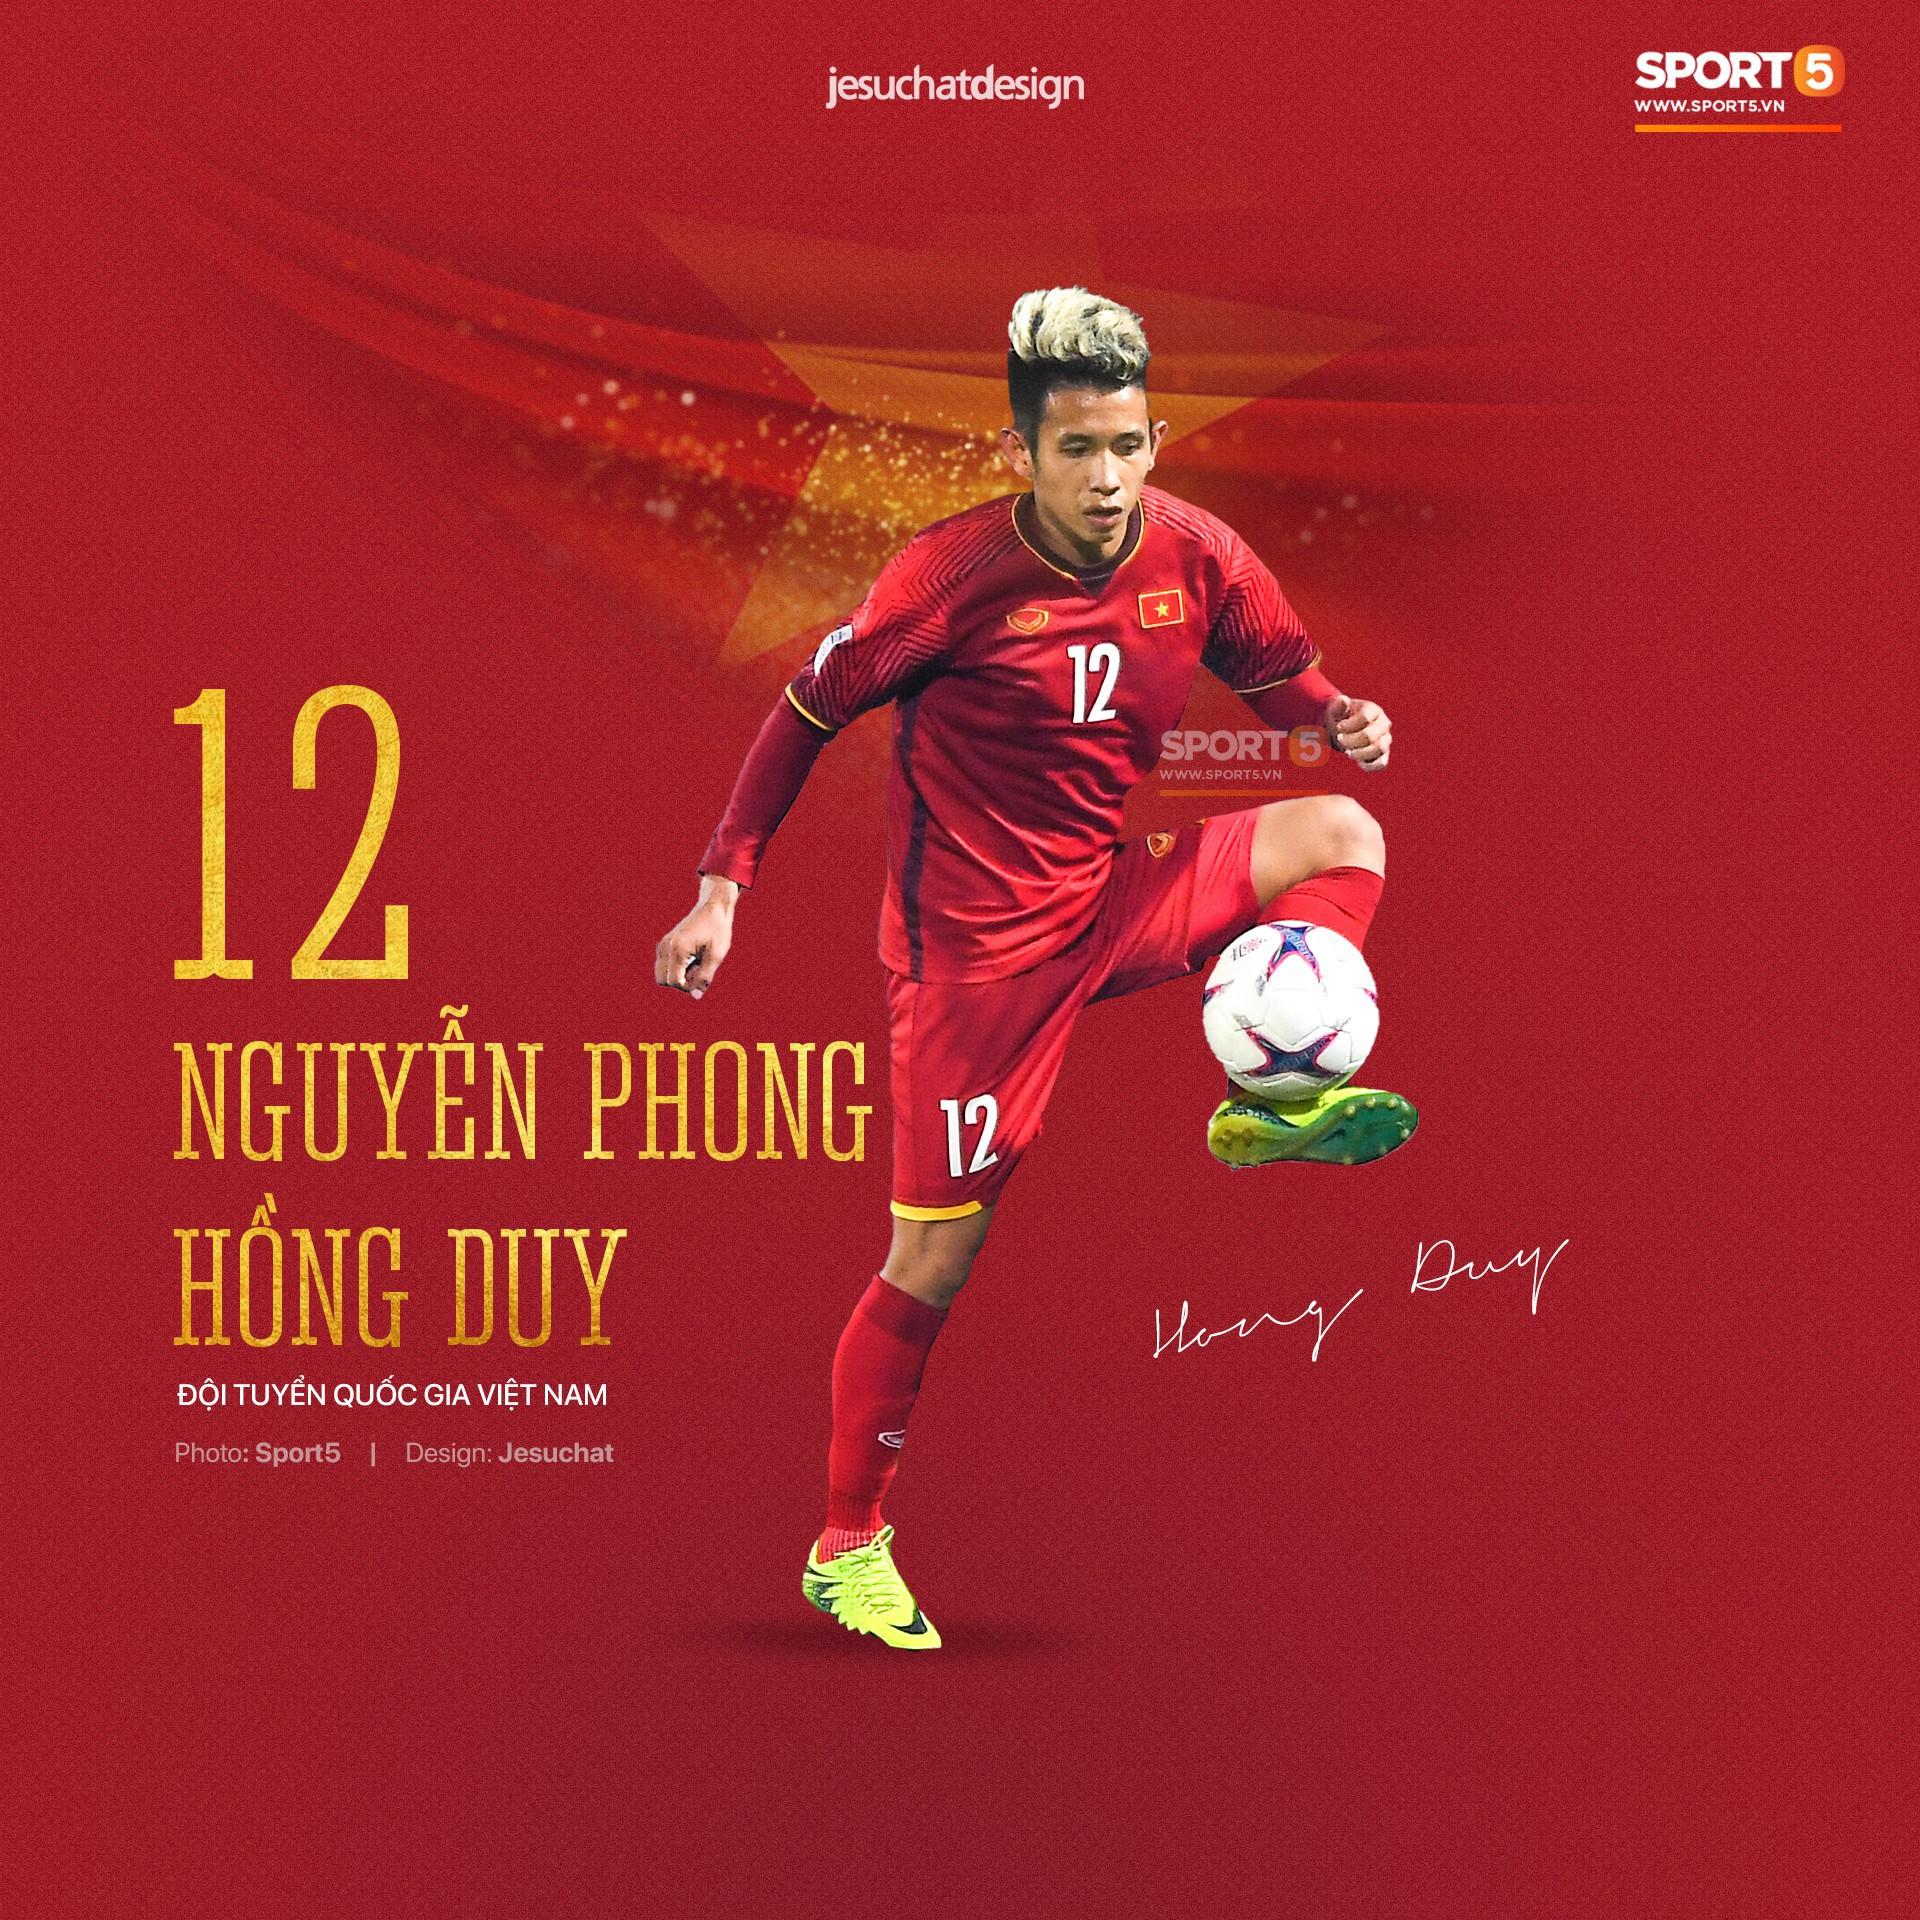 Info long lanh của 23 nhà vô địch AFF Cup 2018, những người hùng dân tộc - Ảnh 16.